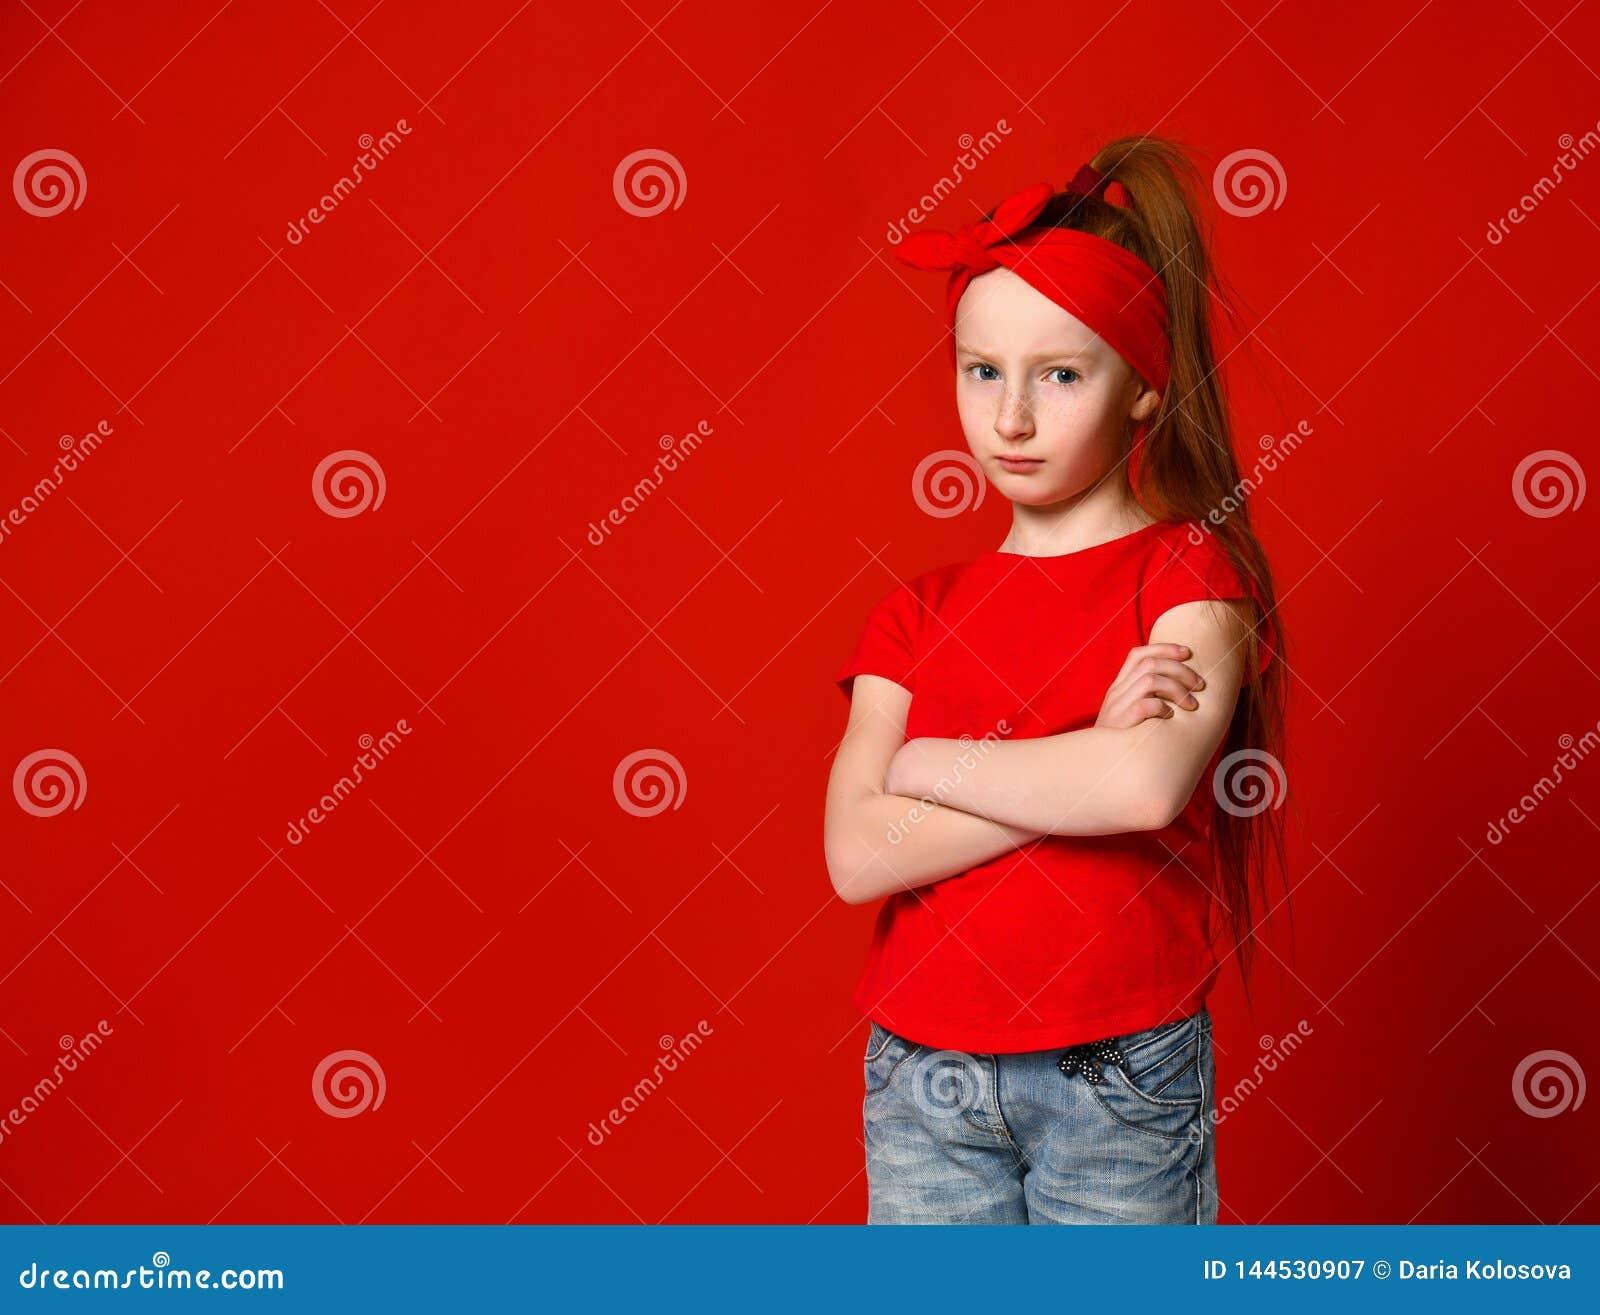 Stående av en gullig flicka som förargas i en röd väst som står med vikta händer och ser kameran